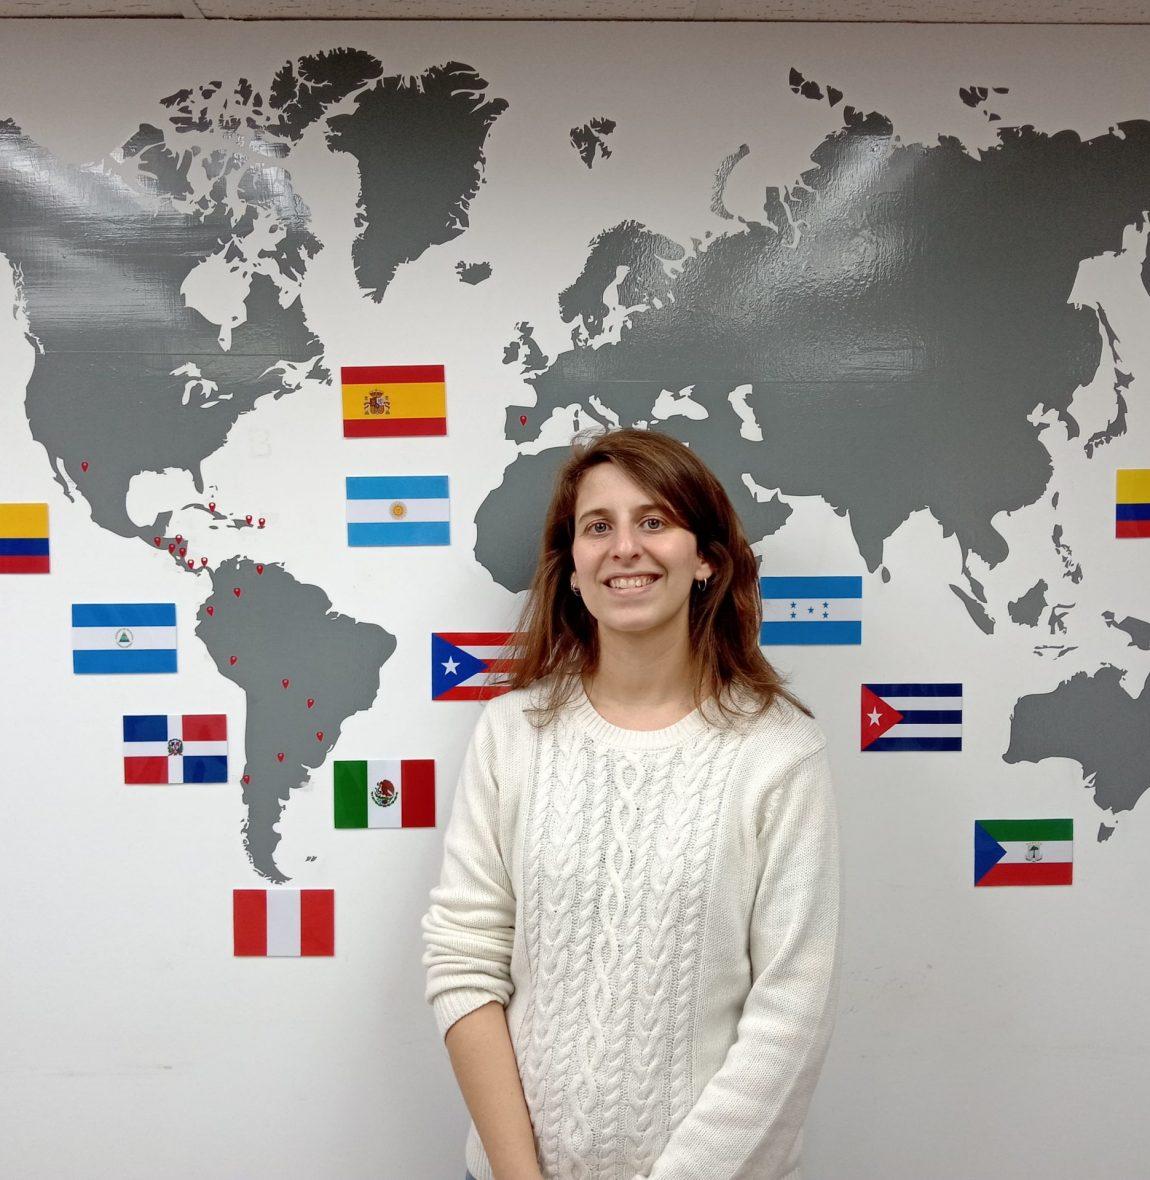 Spanish teacher Taipei